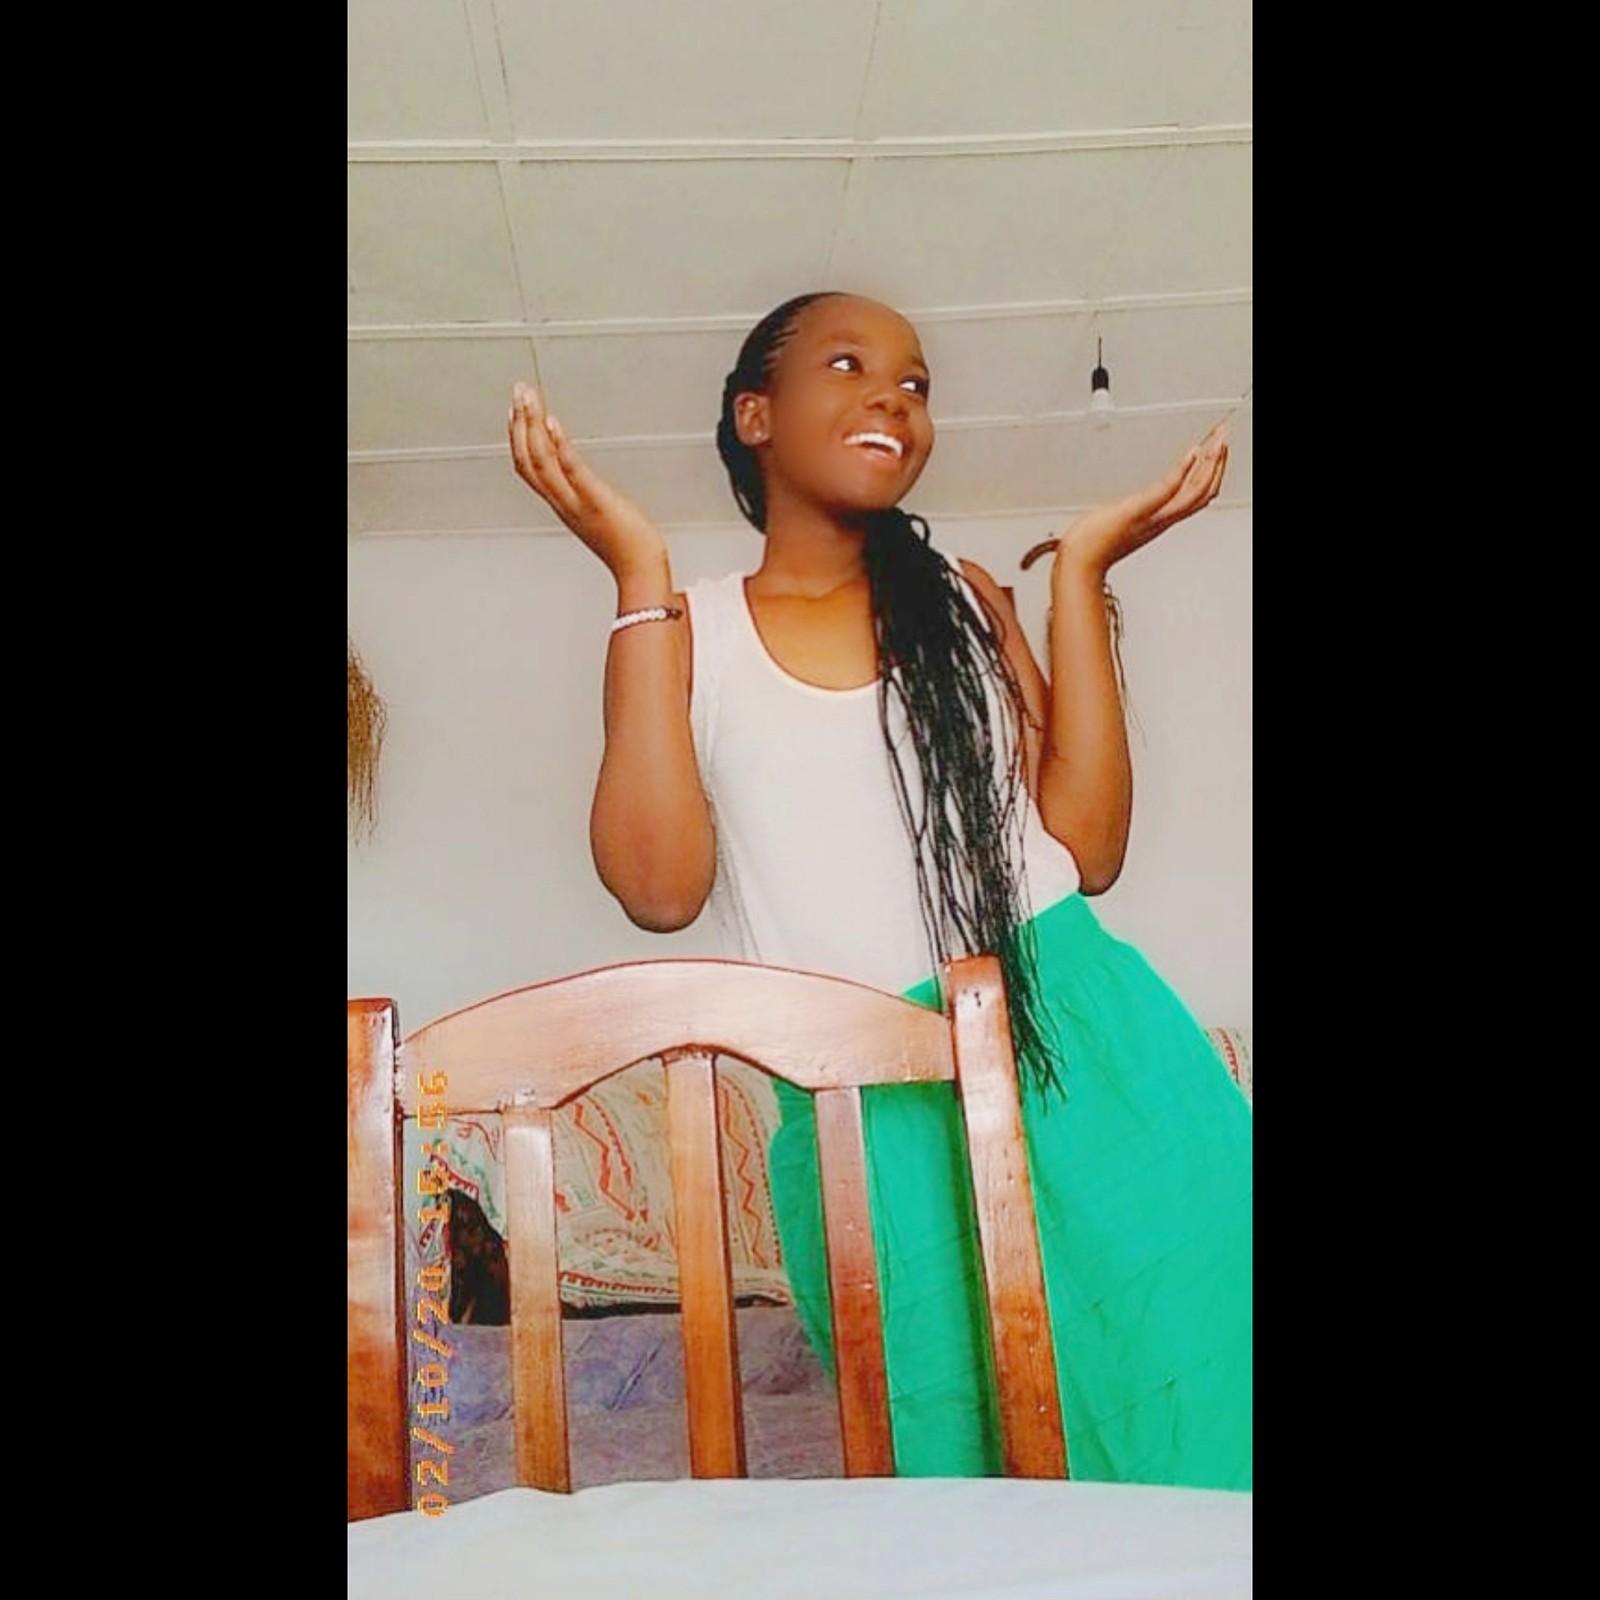 Escorte Rwanda